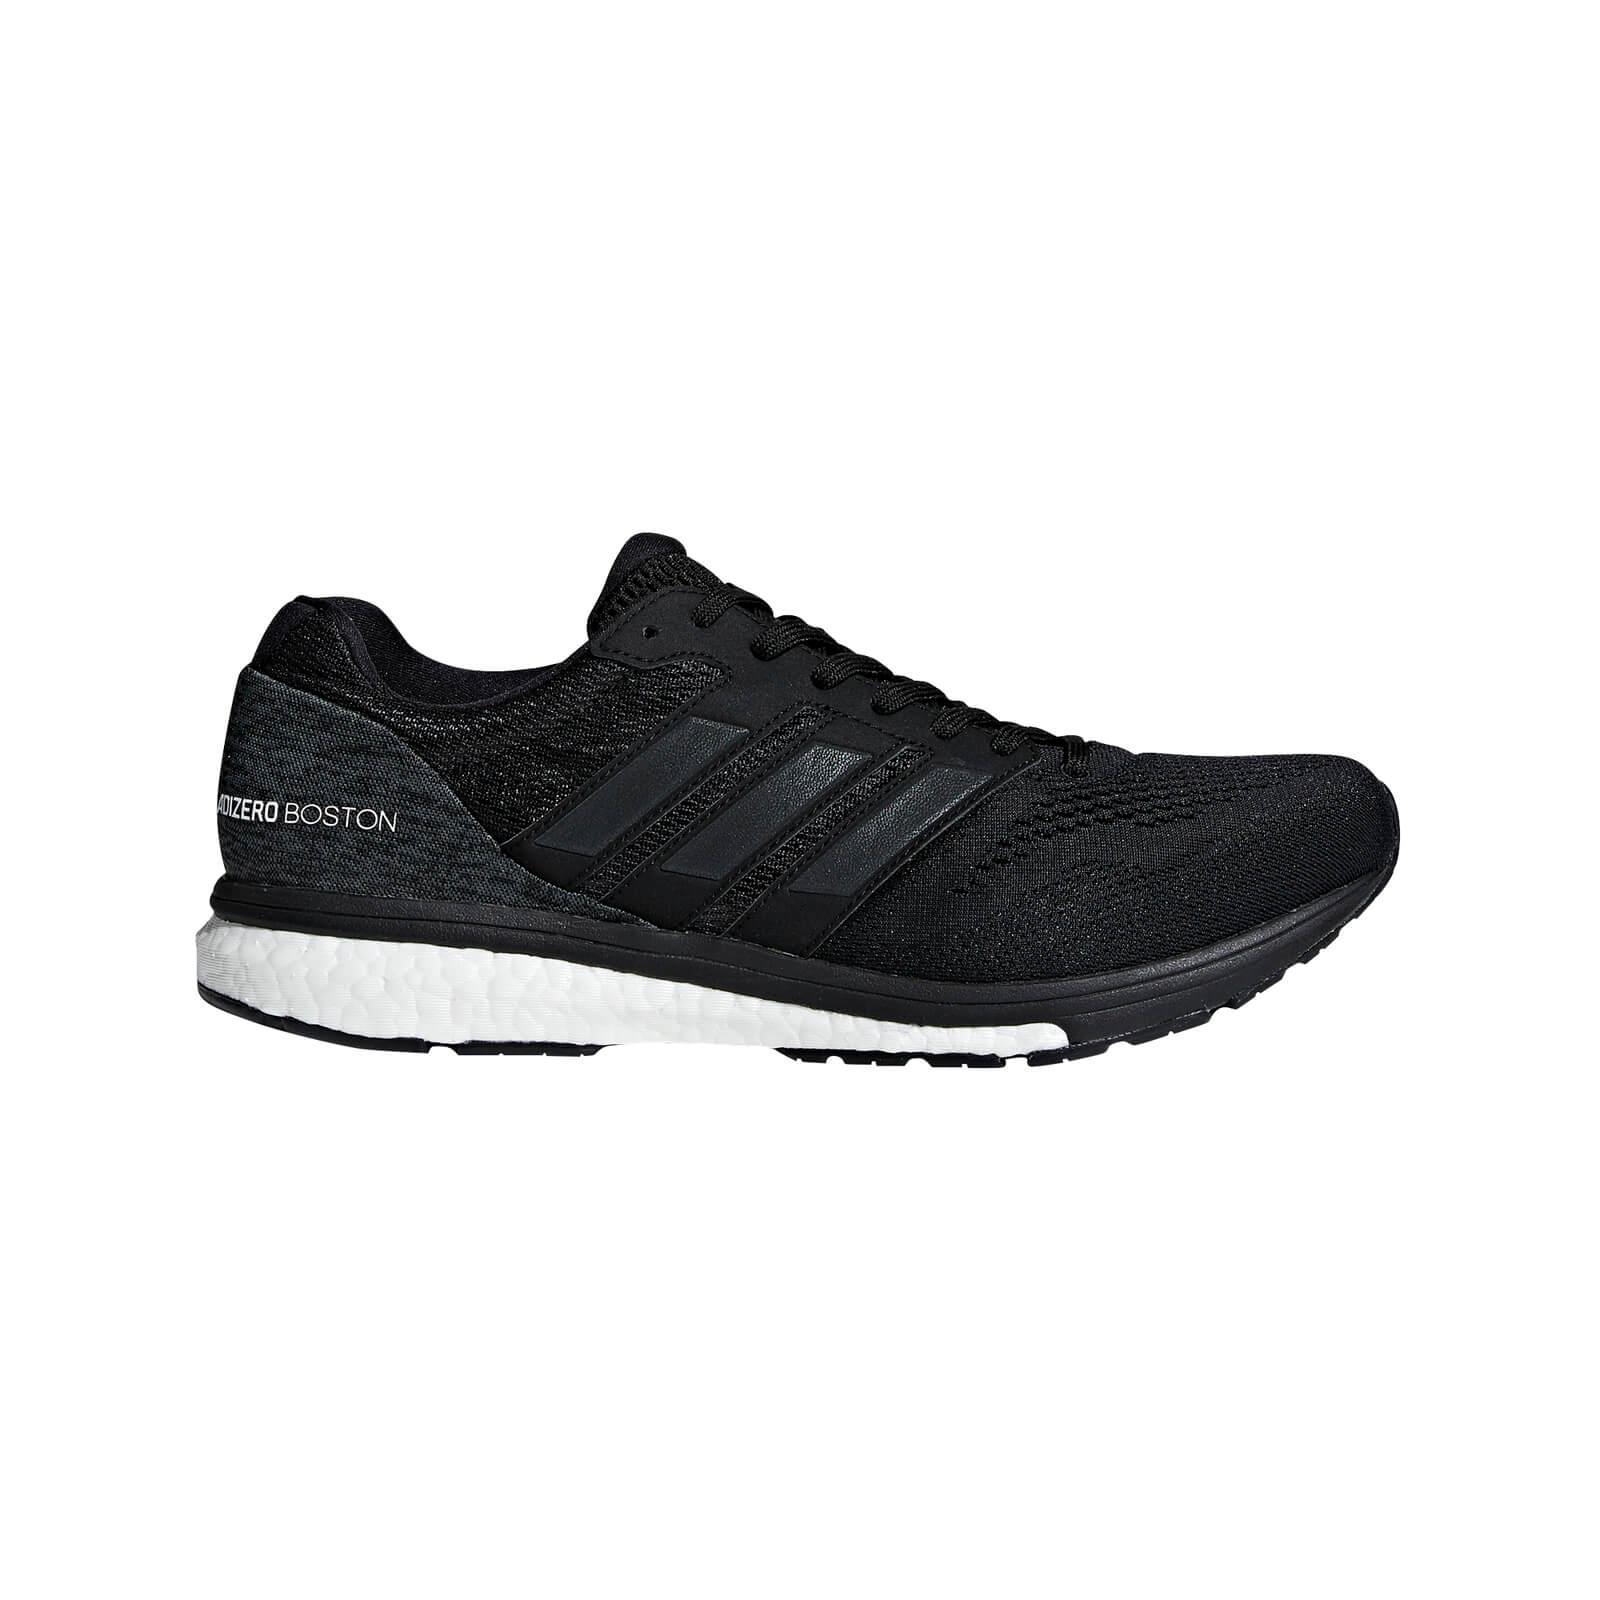 adidas Men's Adizero Boston 7 Running Shoes - Black - US 11.5/UK 11 - Black